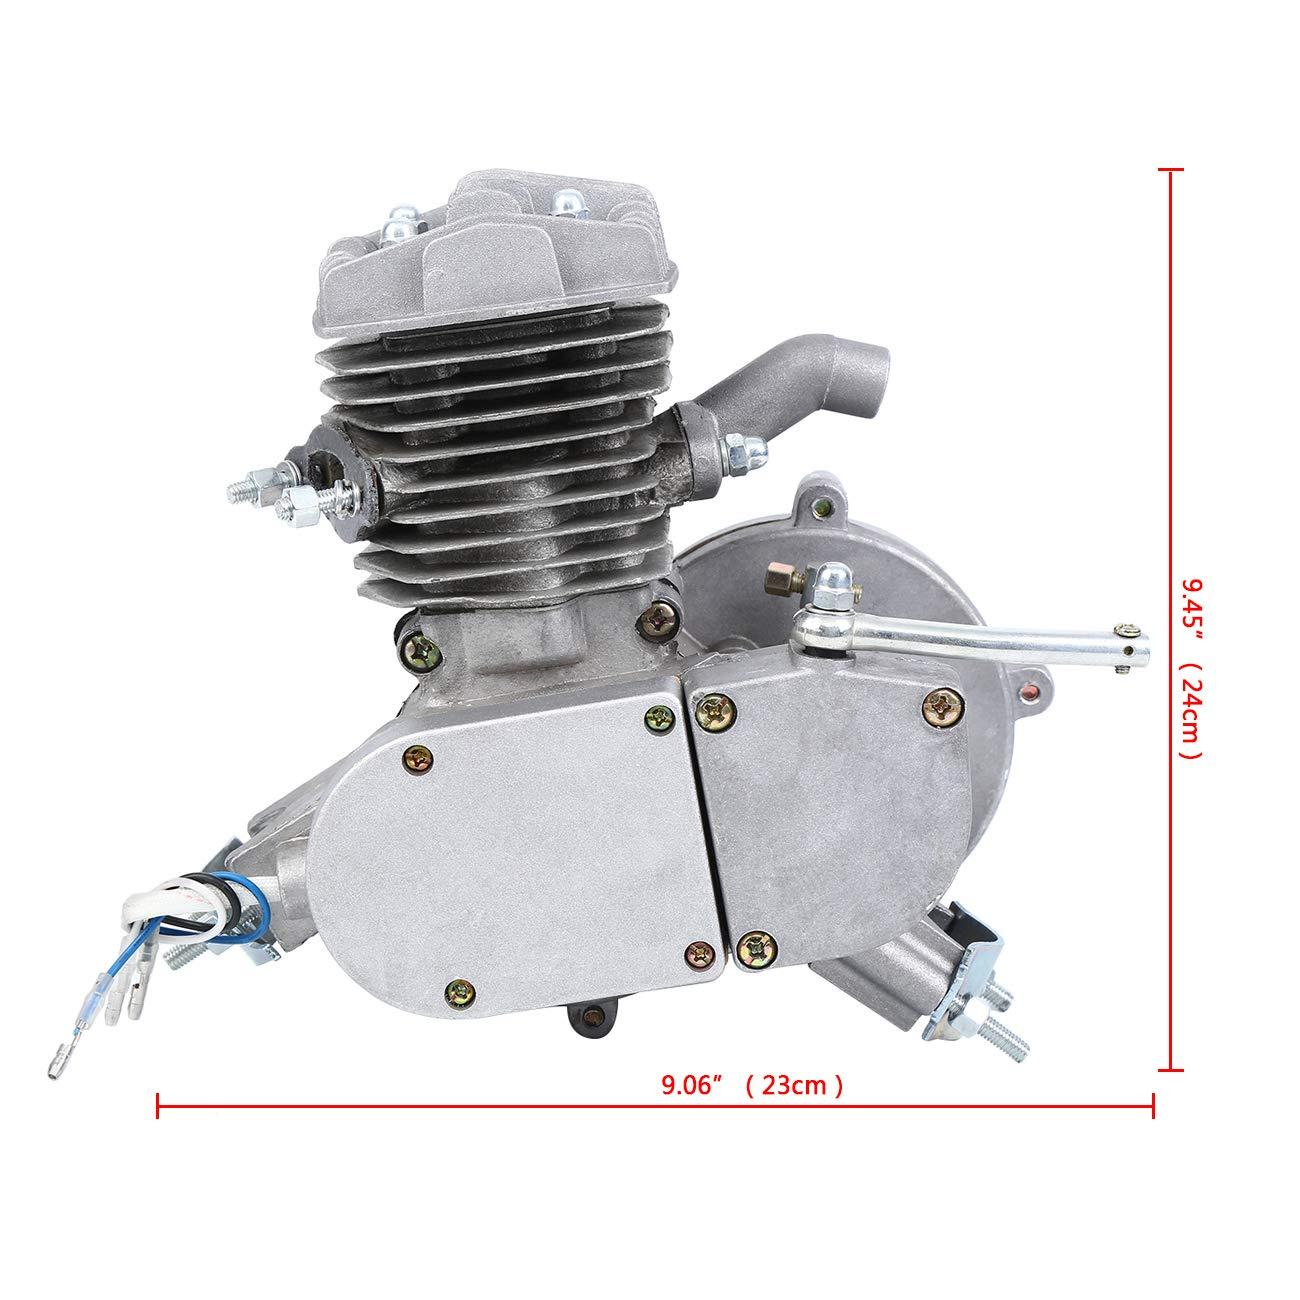 Sange Kit de conversión del motor de gasolina y gasolina del ciclo del pedal de 2 tiempos Kit de motor motorizado de refrigeración por aire para bicicletas ...